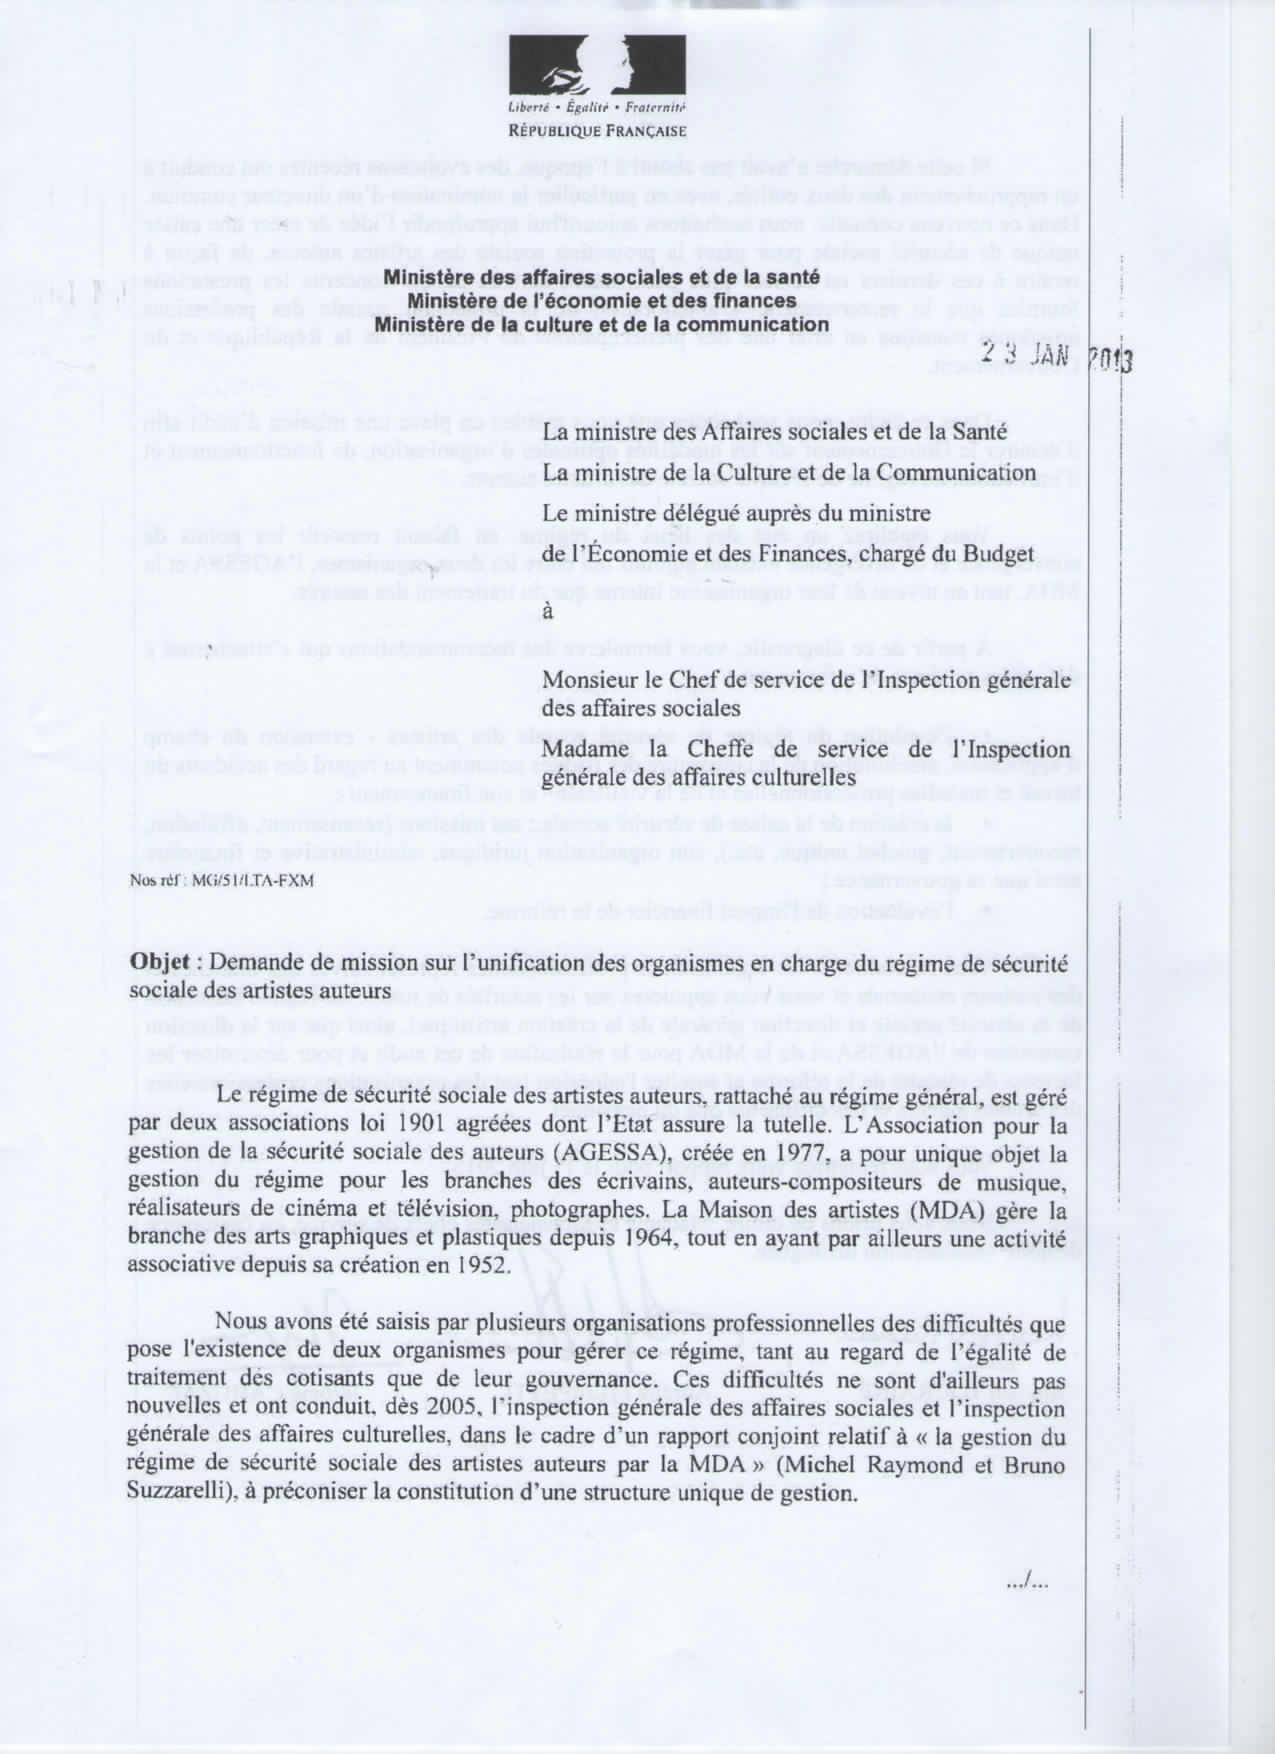 lettre administrative sous couvert de